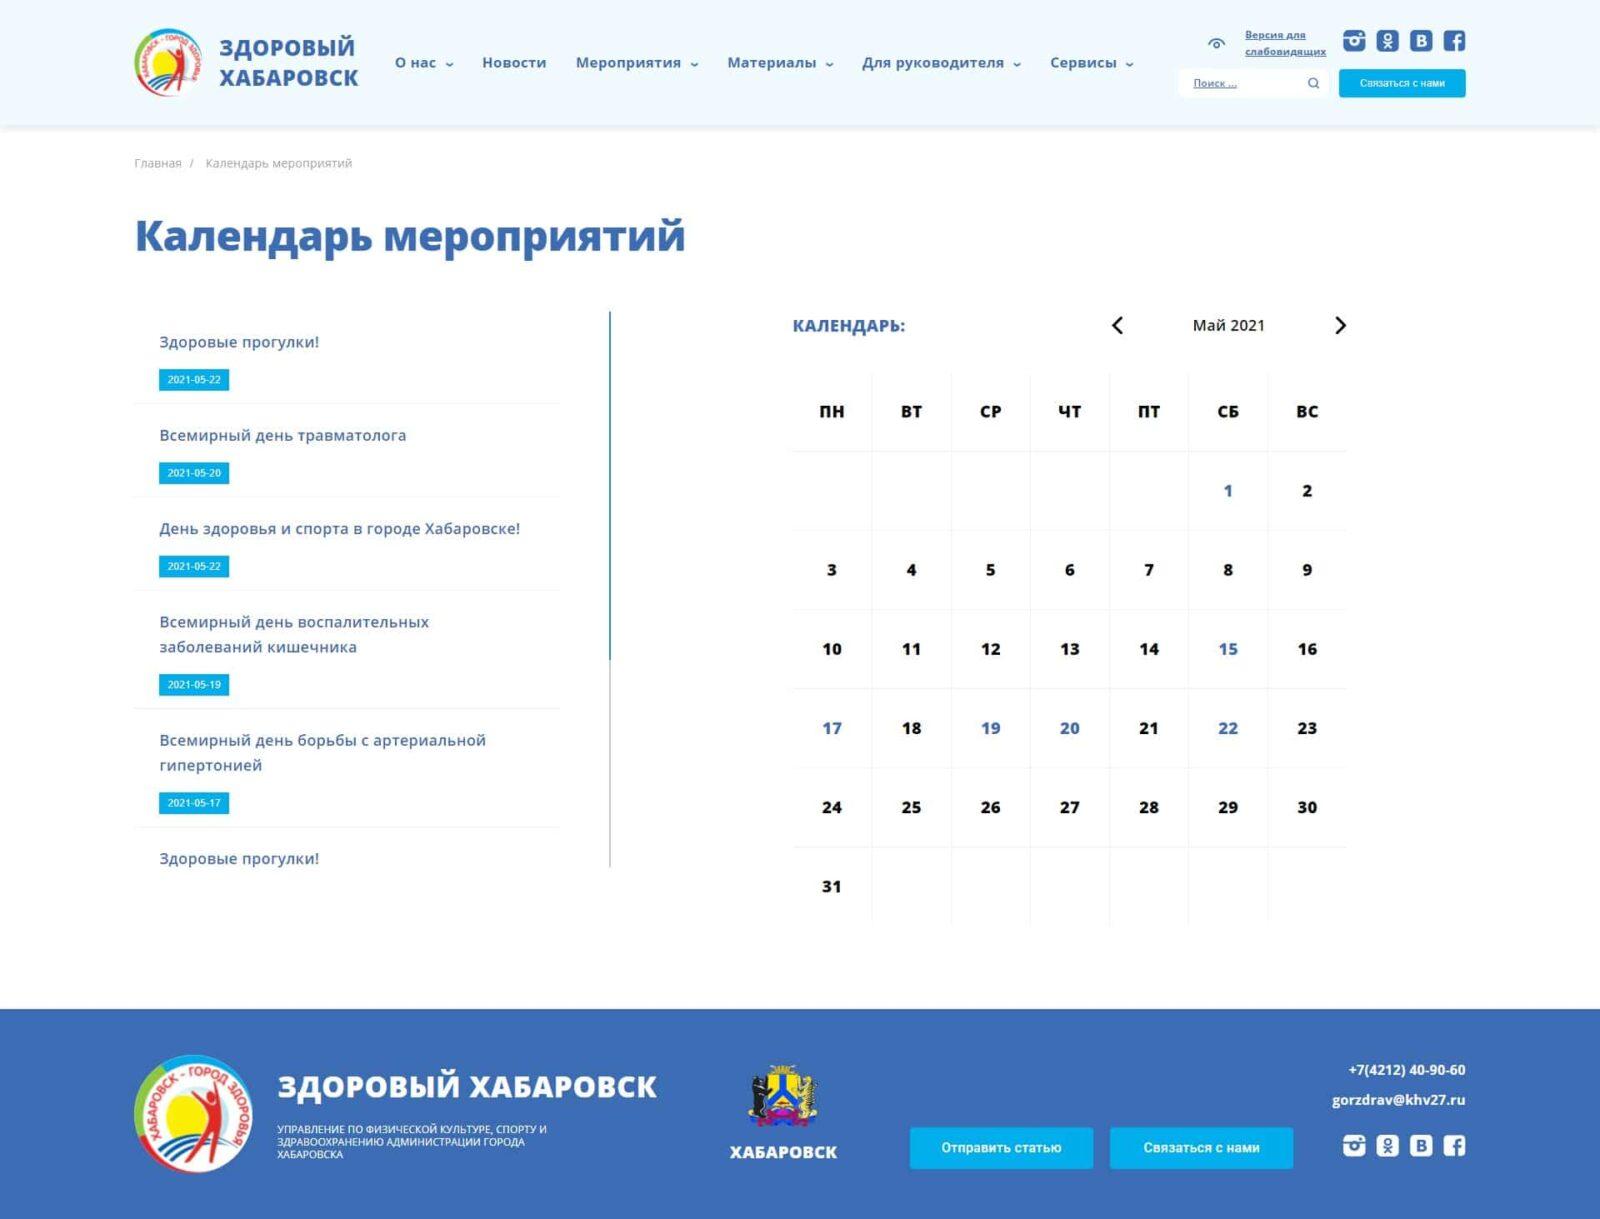 Календарь Здоровый Хабаровск